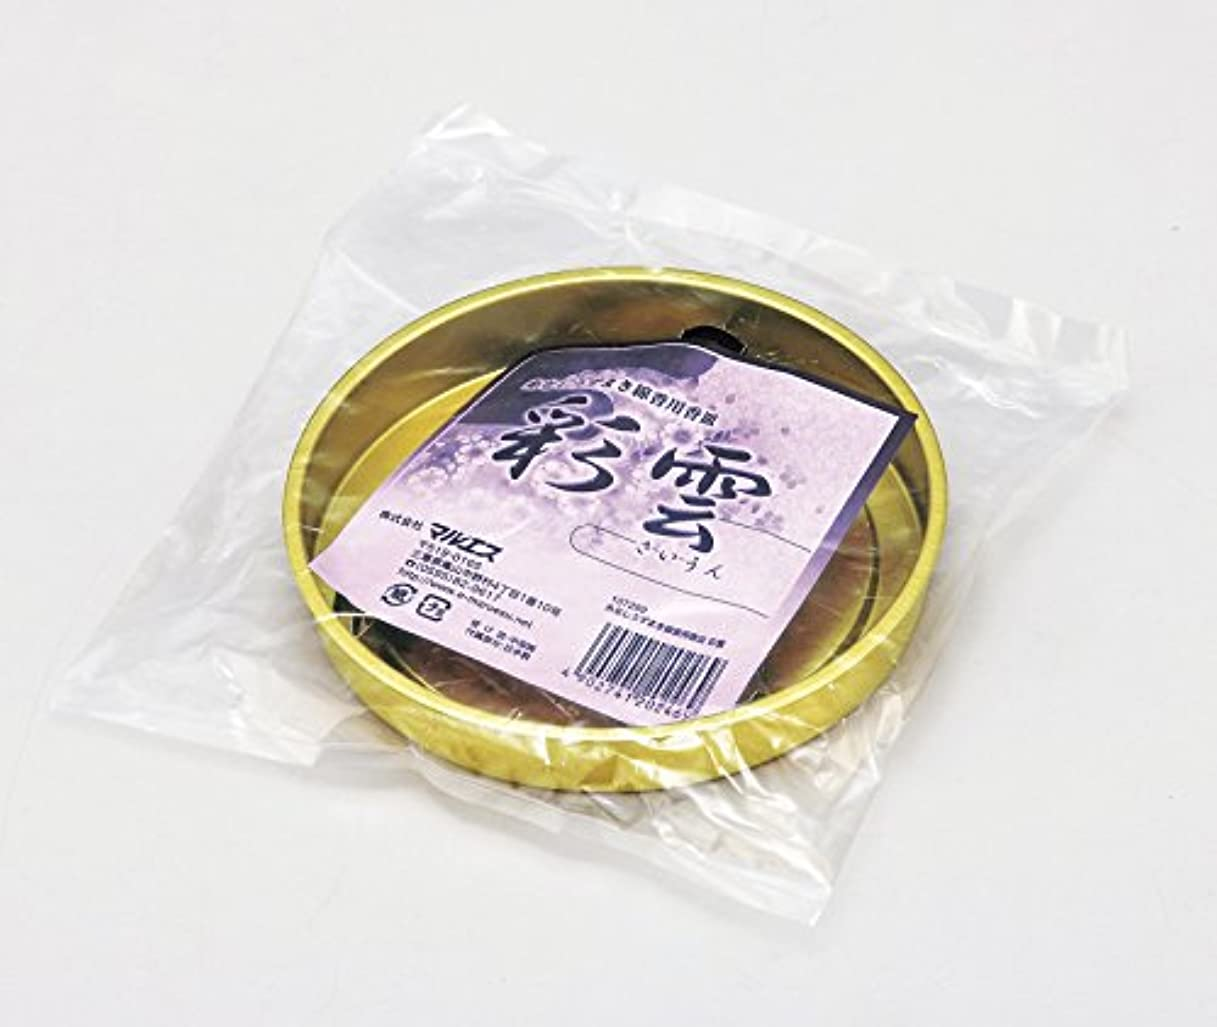 太字ヒューム例マルエス 糸なしうずまき線香用香皿 彩雲